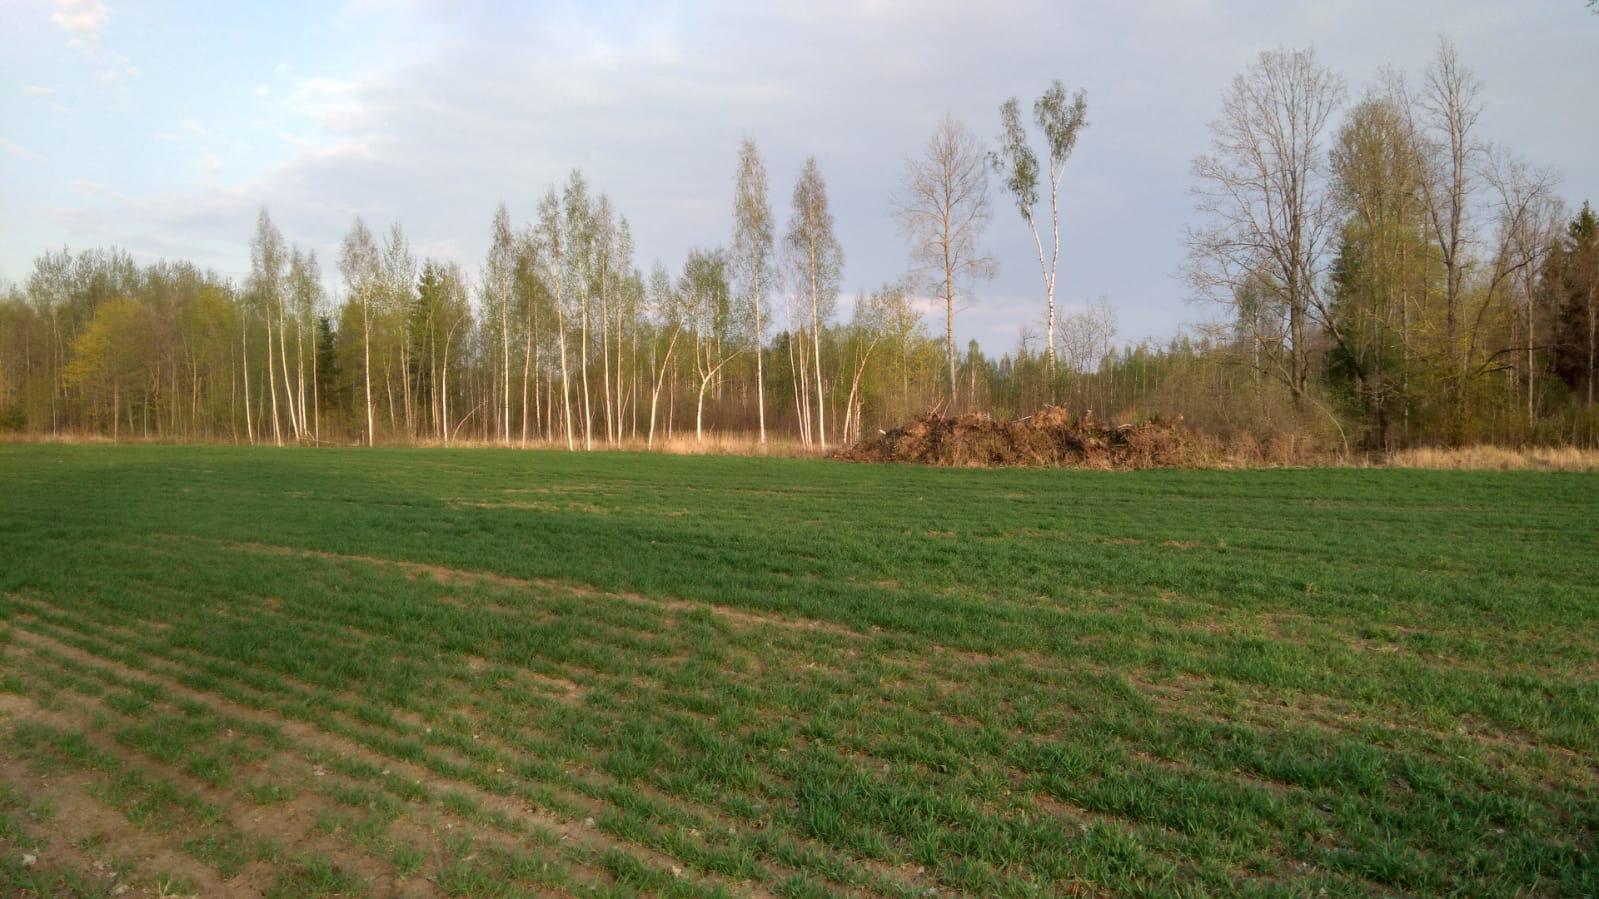 """Paziņojums par paredzētās darbības Derīgo izrakteņu (kūdras) ieguves lauku paplašināšana kūdras atradnē """"Jegorovas purvs"""" ietekmes uz vidi novērtējuma ziņojuma iesniegšanu vides pārraudzības valsts birojam"""